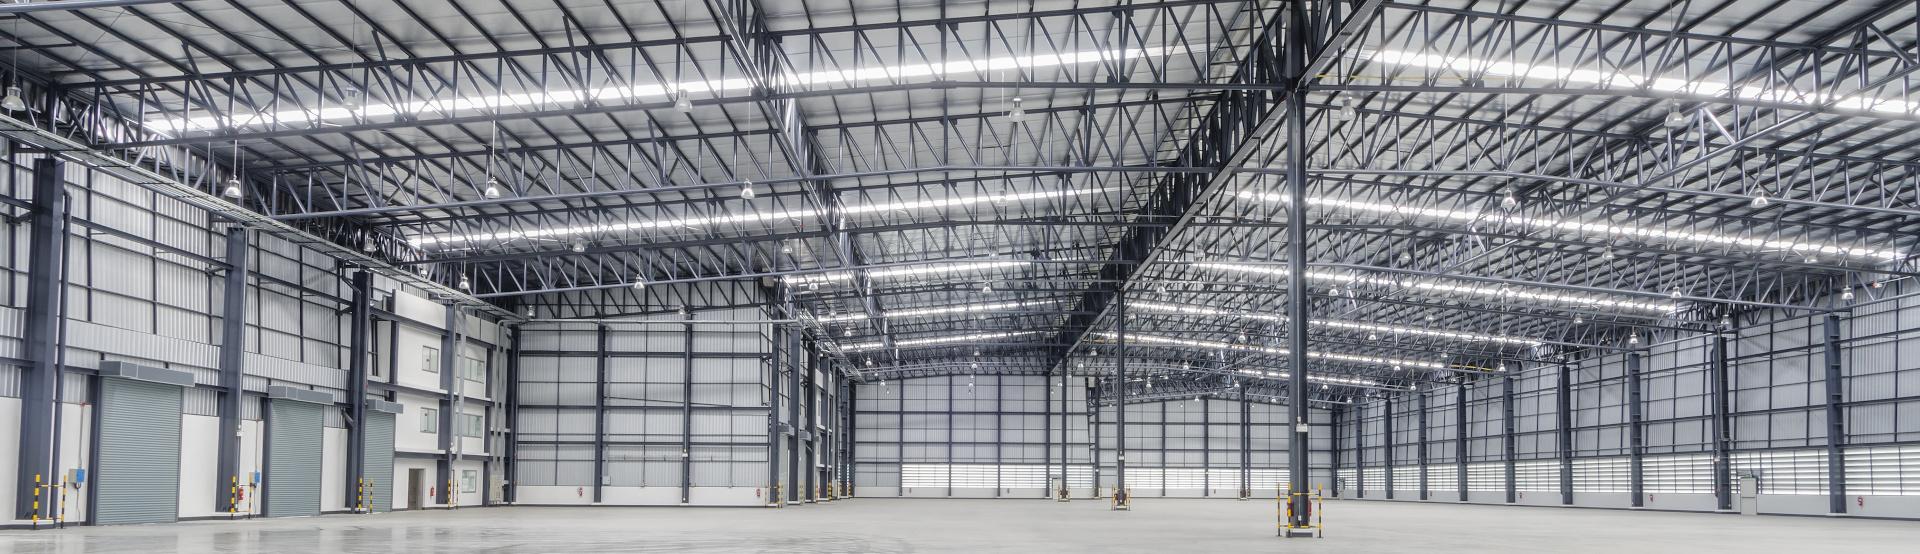 Einde moderne Lagerhalle für die Industrie oder Logistik.